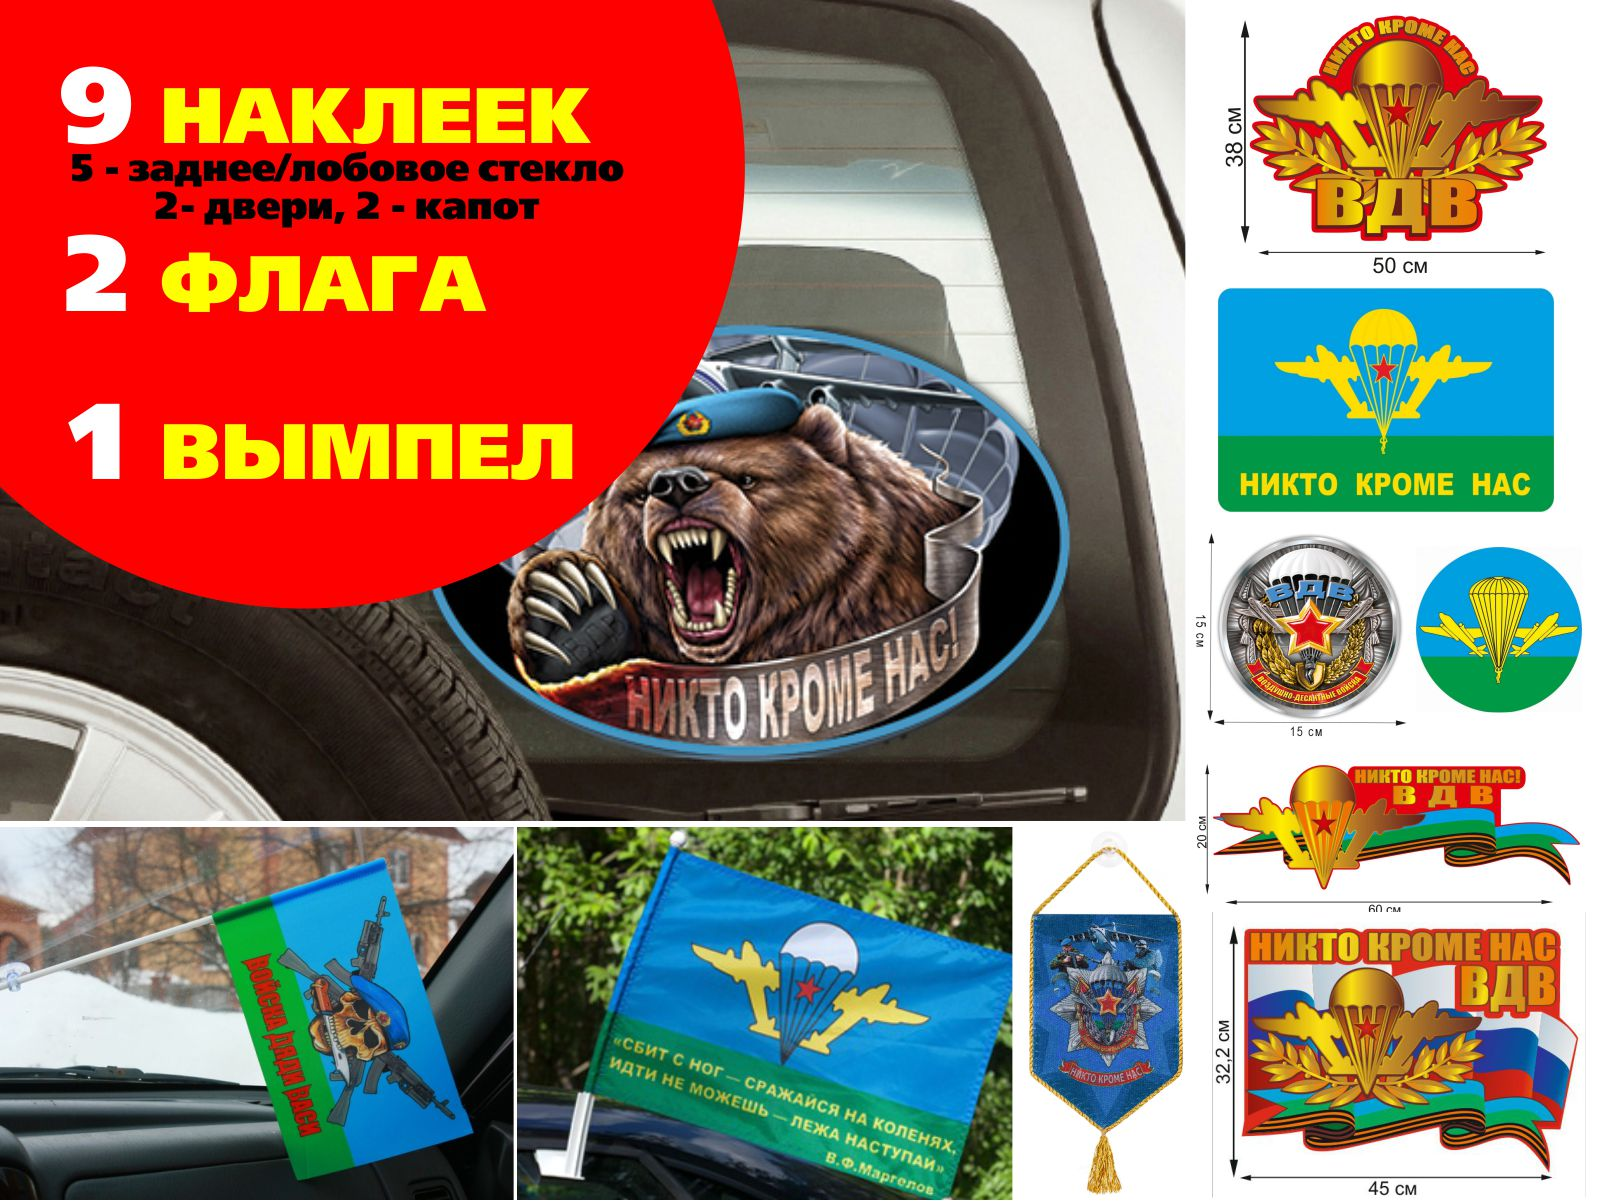 Особый комплект ко Дню ВДВ для твоей машины – 9 наклеек, 2 флага и вымпел